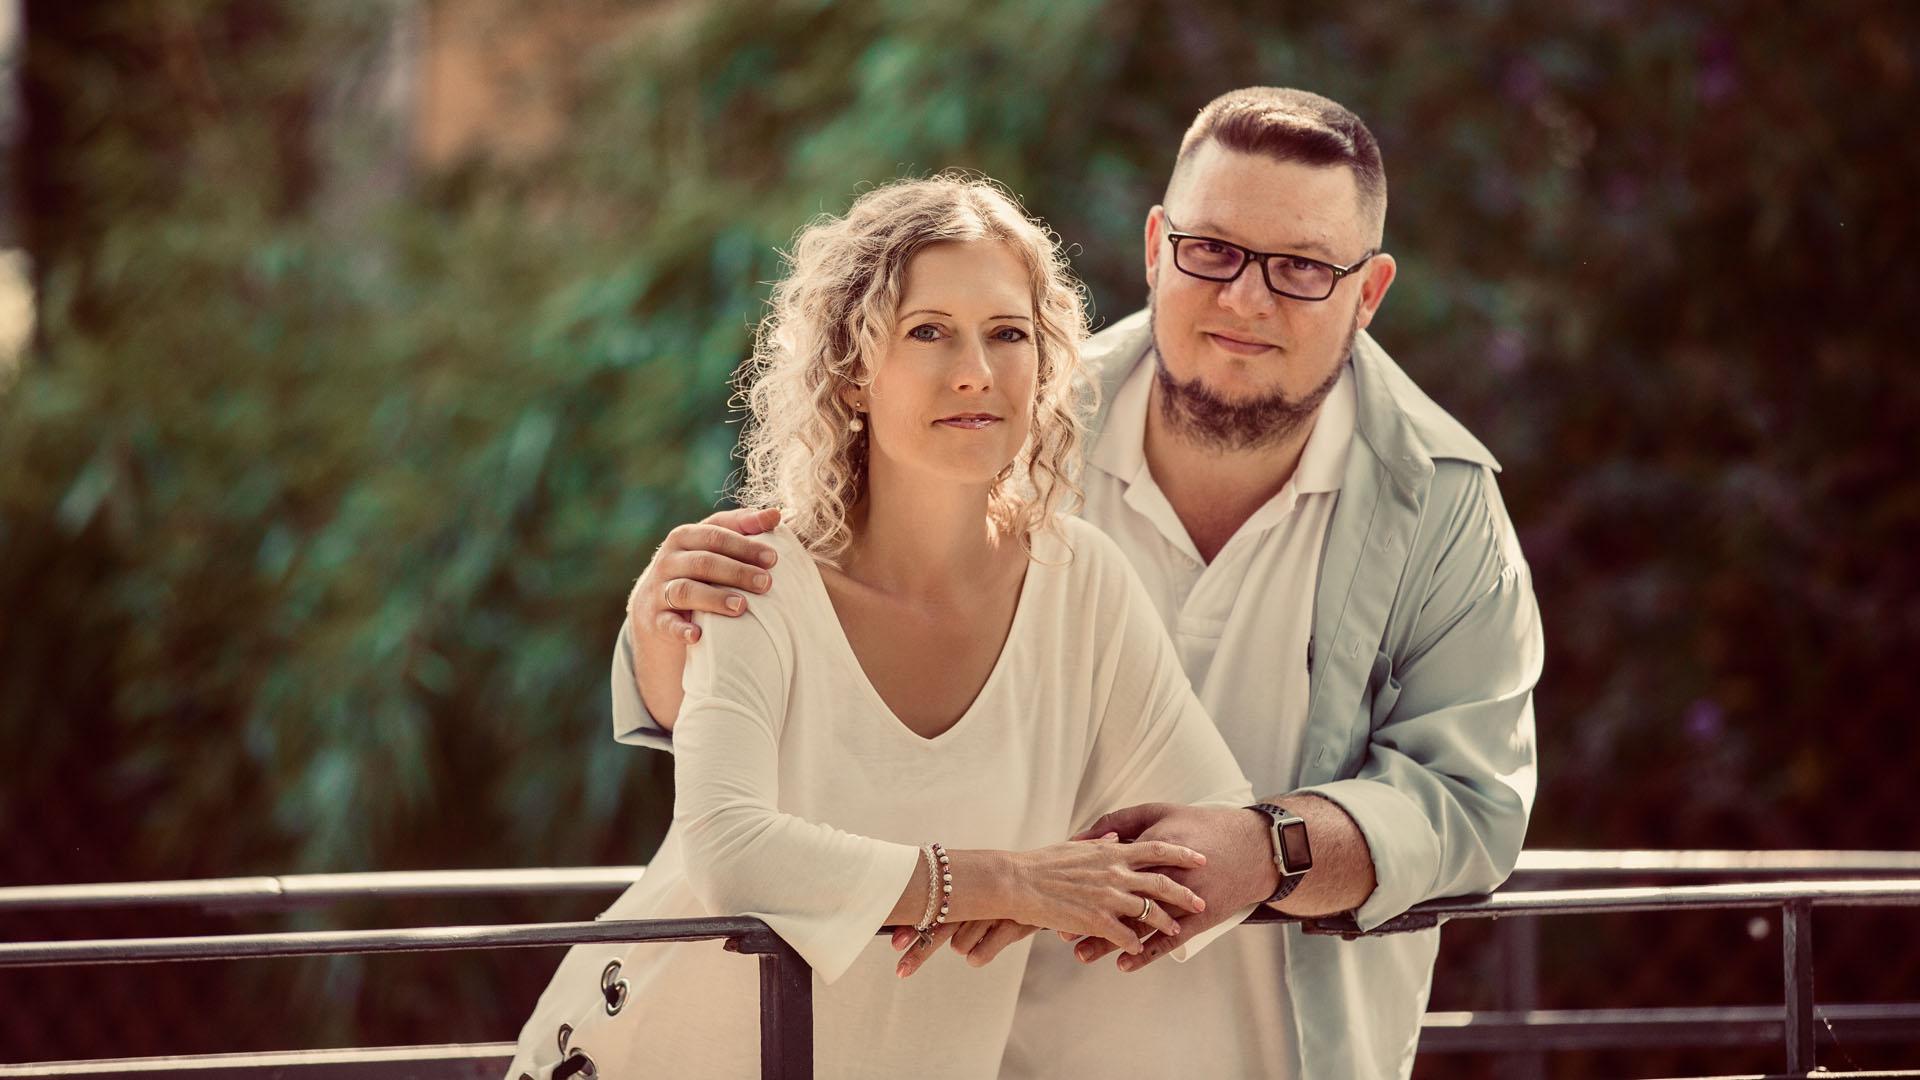 Szkizofréniája teljes történetét írta meg új könyvében Oravetz Dani és felesége, Dóri